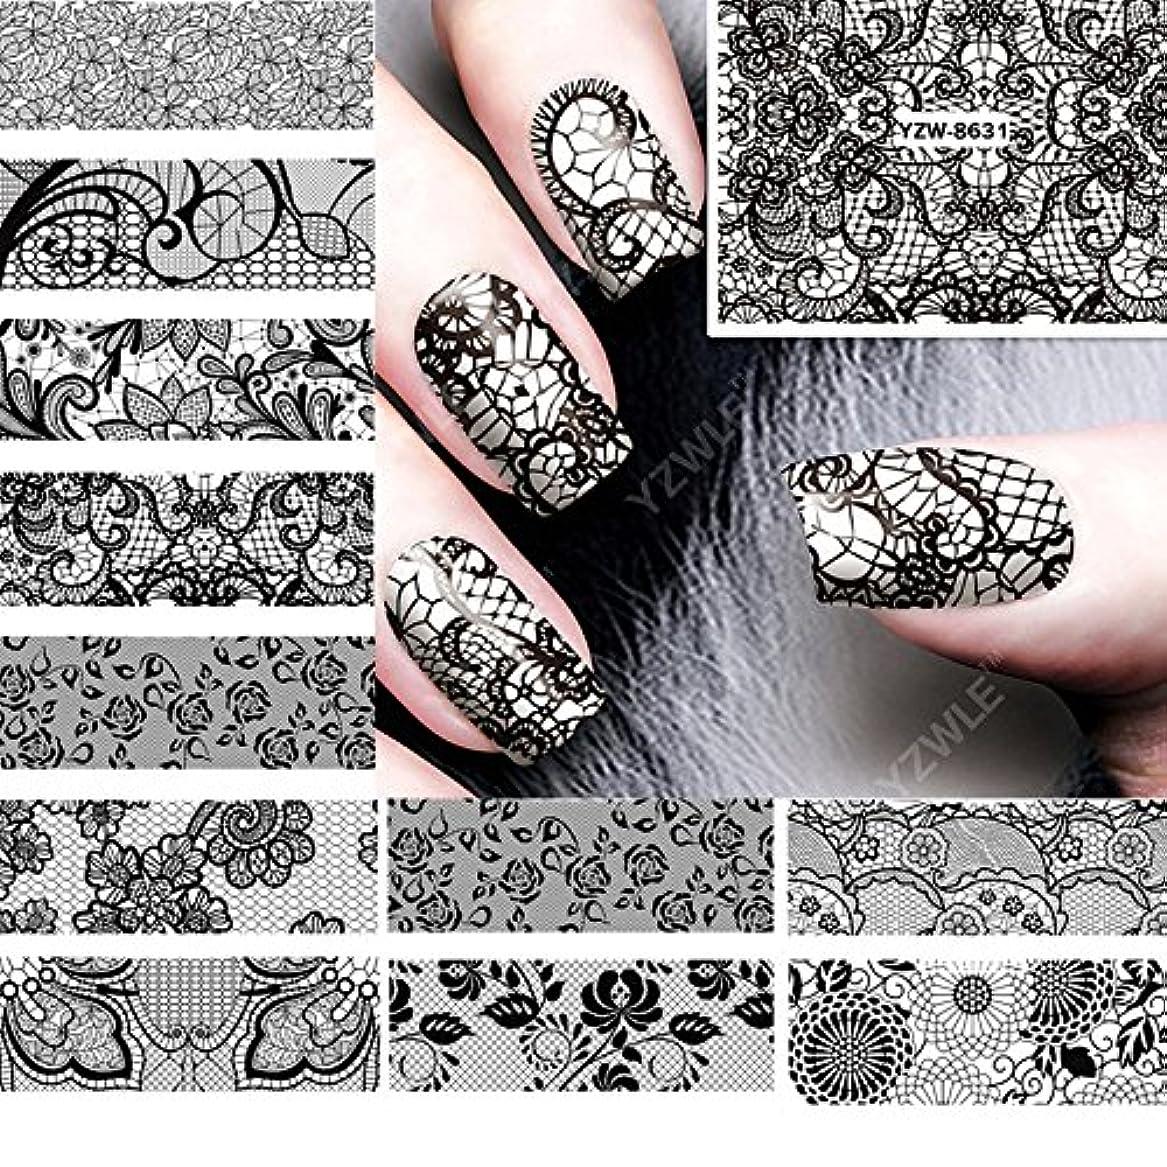 富大学経由でIthern(TM)12PCS /ロット美しさ黒のレースの設計水の転送ネイルアートステッカーデカール爪の装飾のためのマニキュアツールに62536をアクセサリー